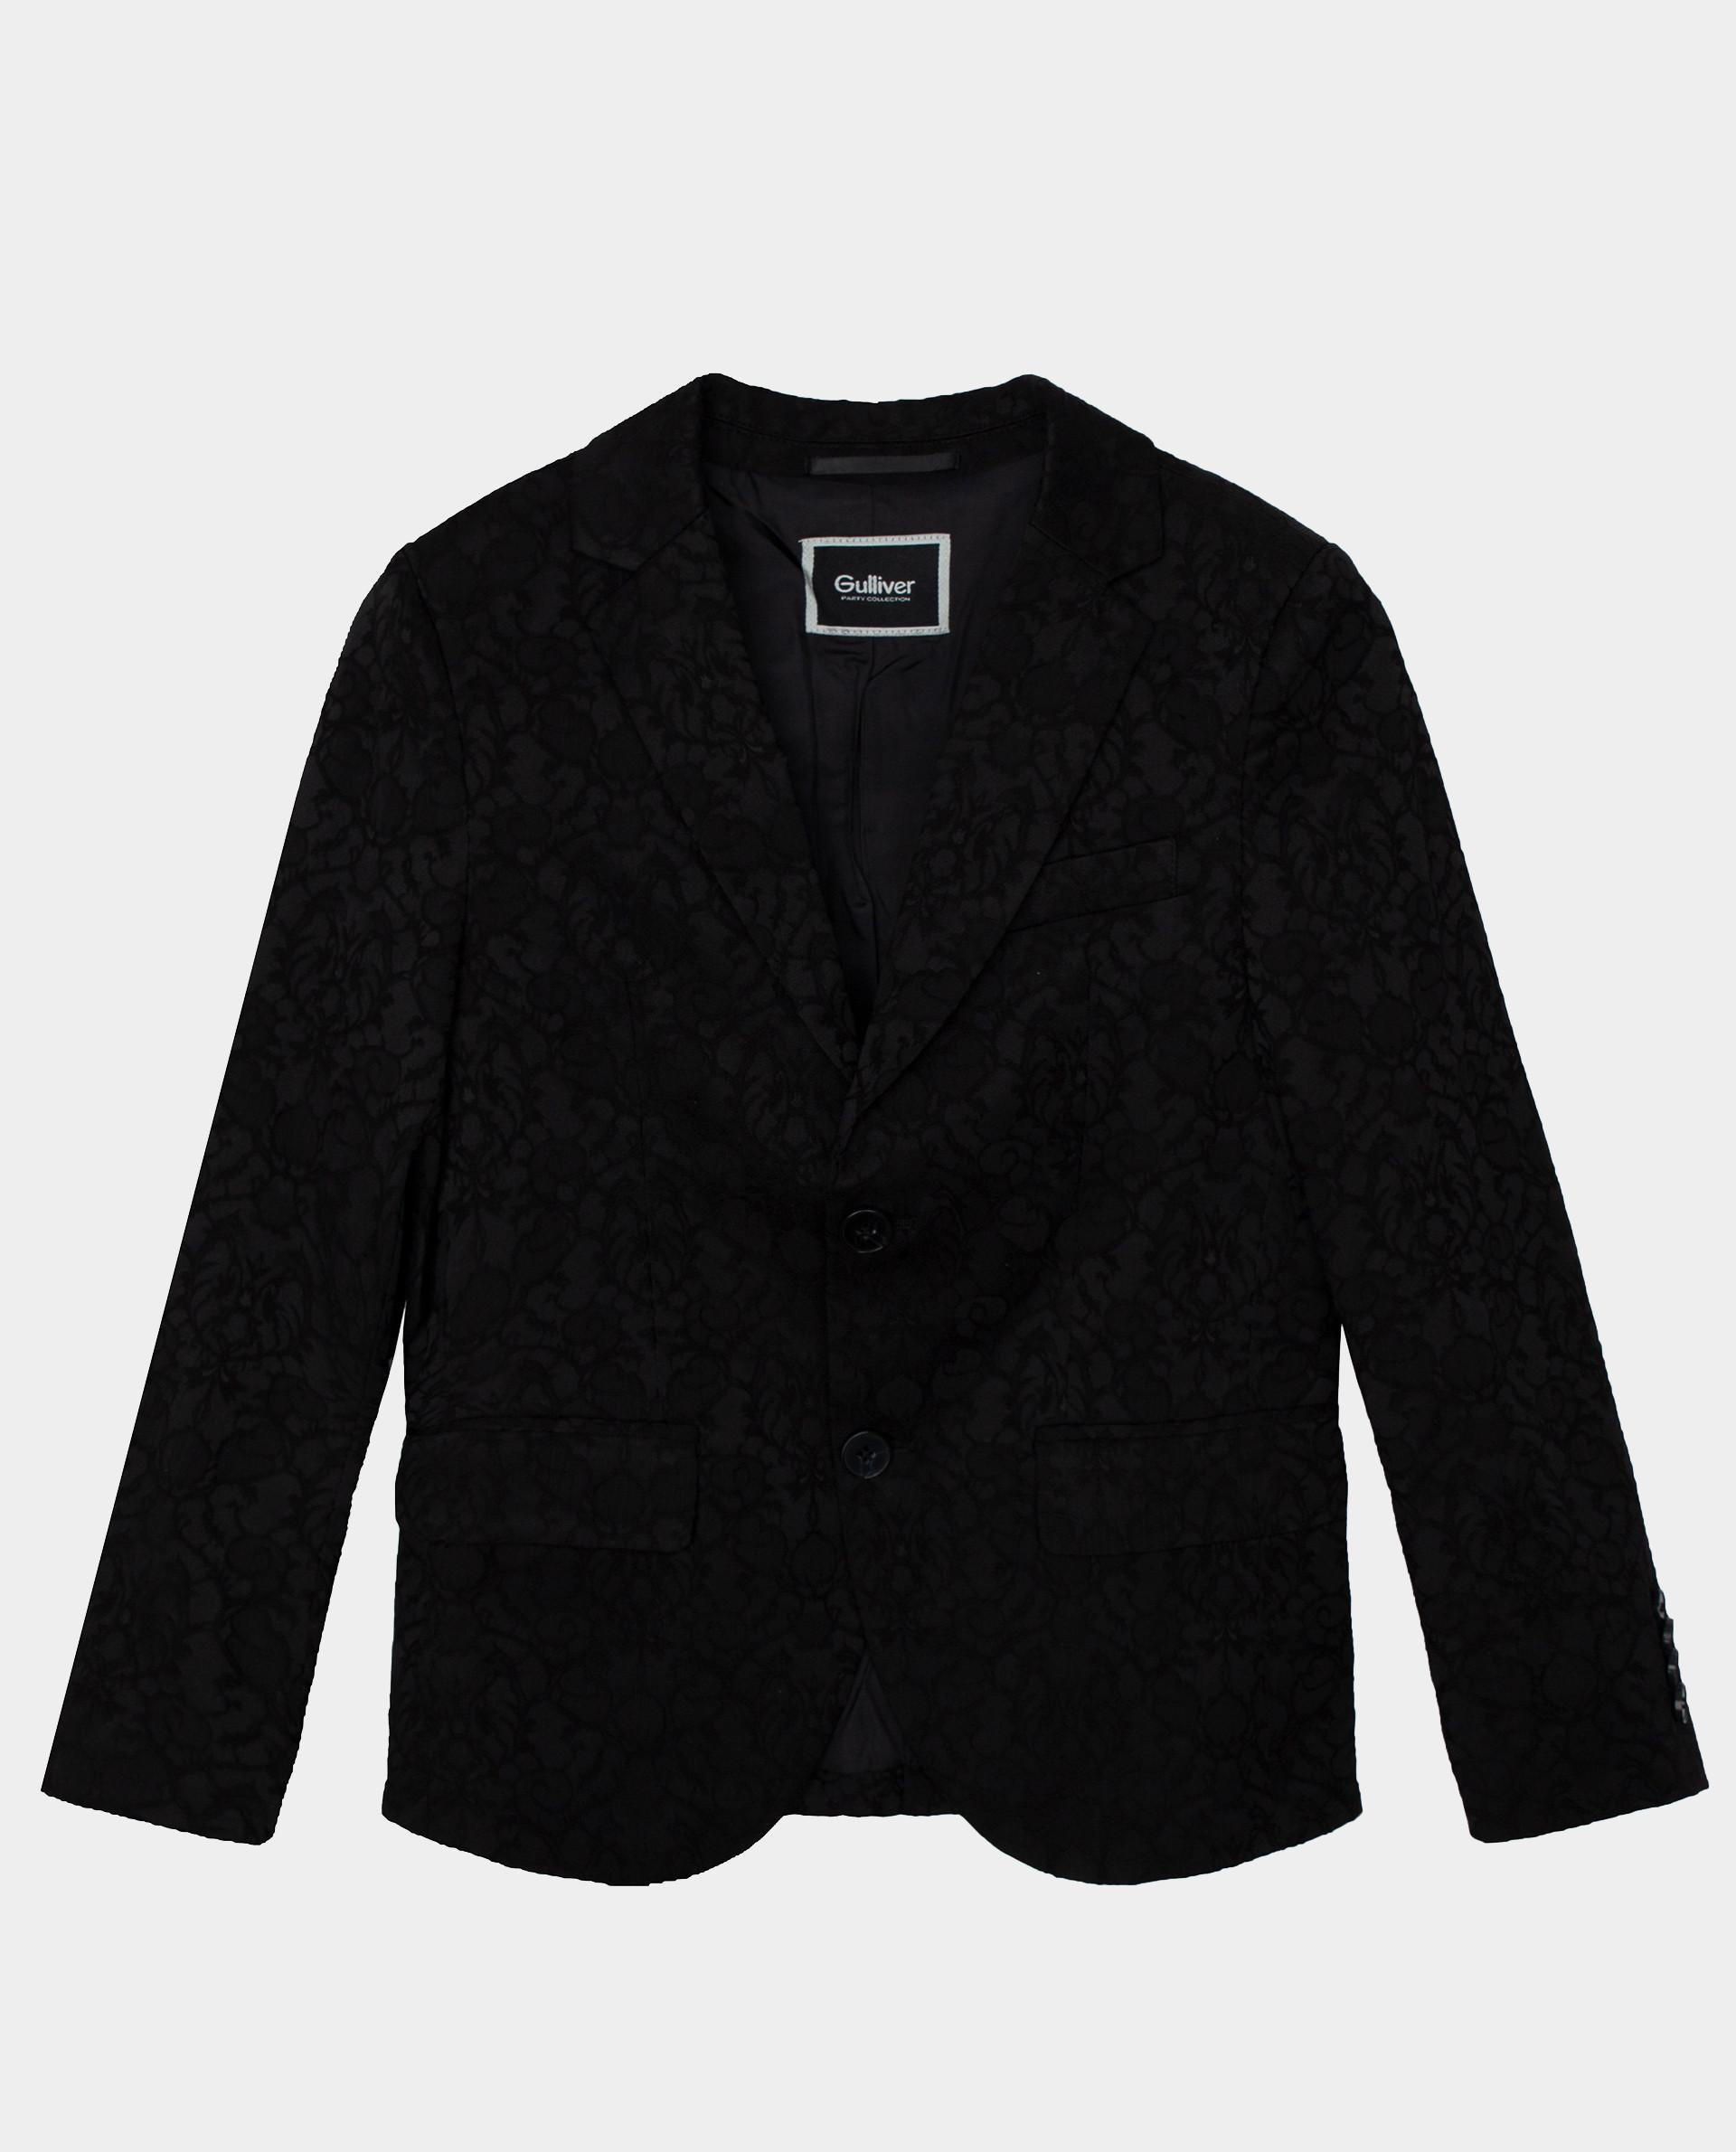 Черный пиджак Gulliver размер 146 220GPBJC4801,  - купить со скидкой